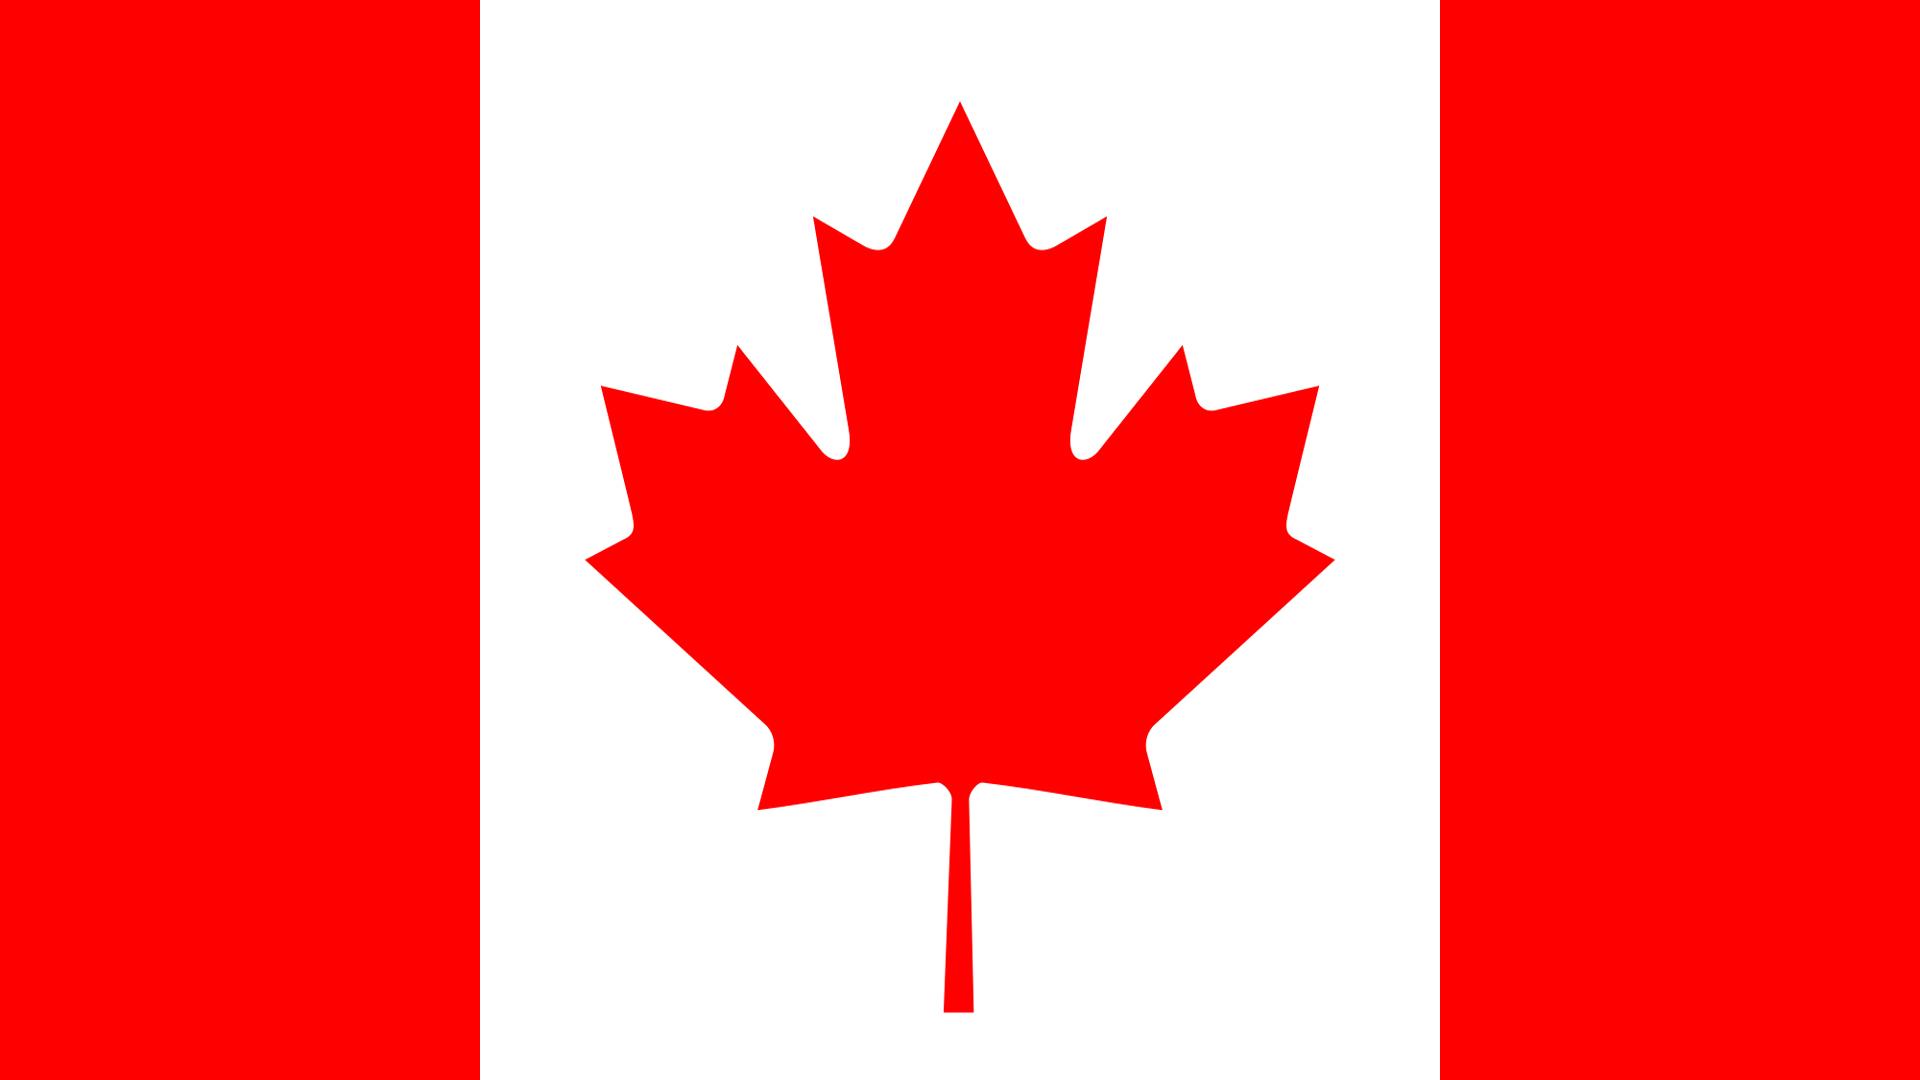 Обои флаг канады для рабочего стола